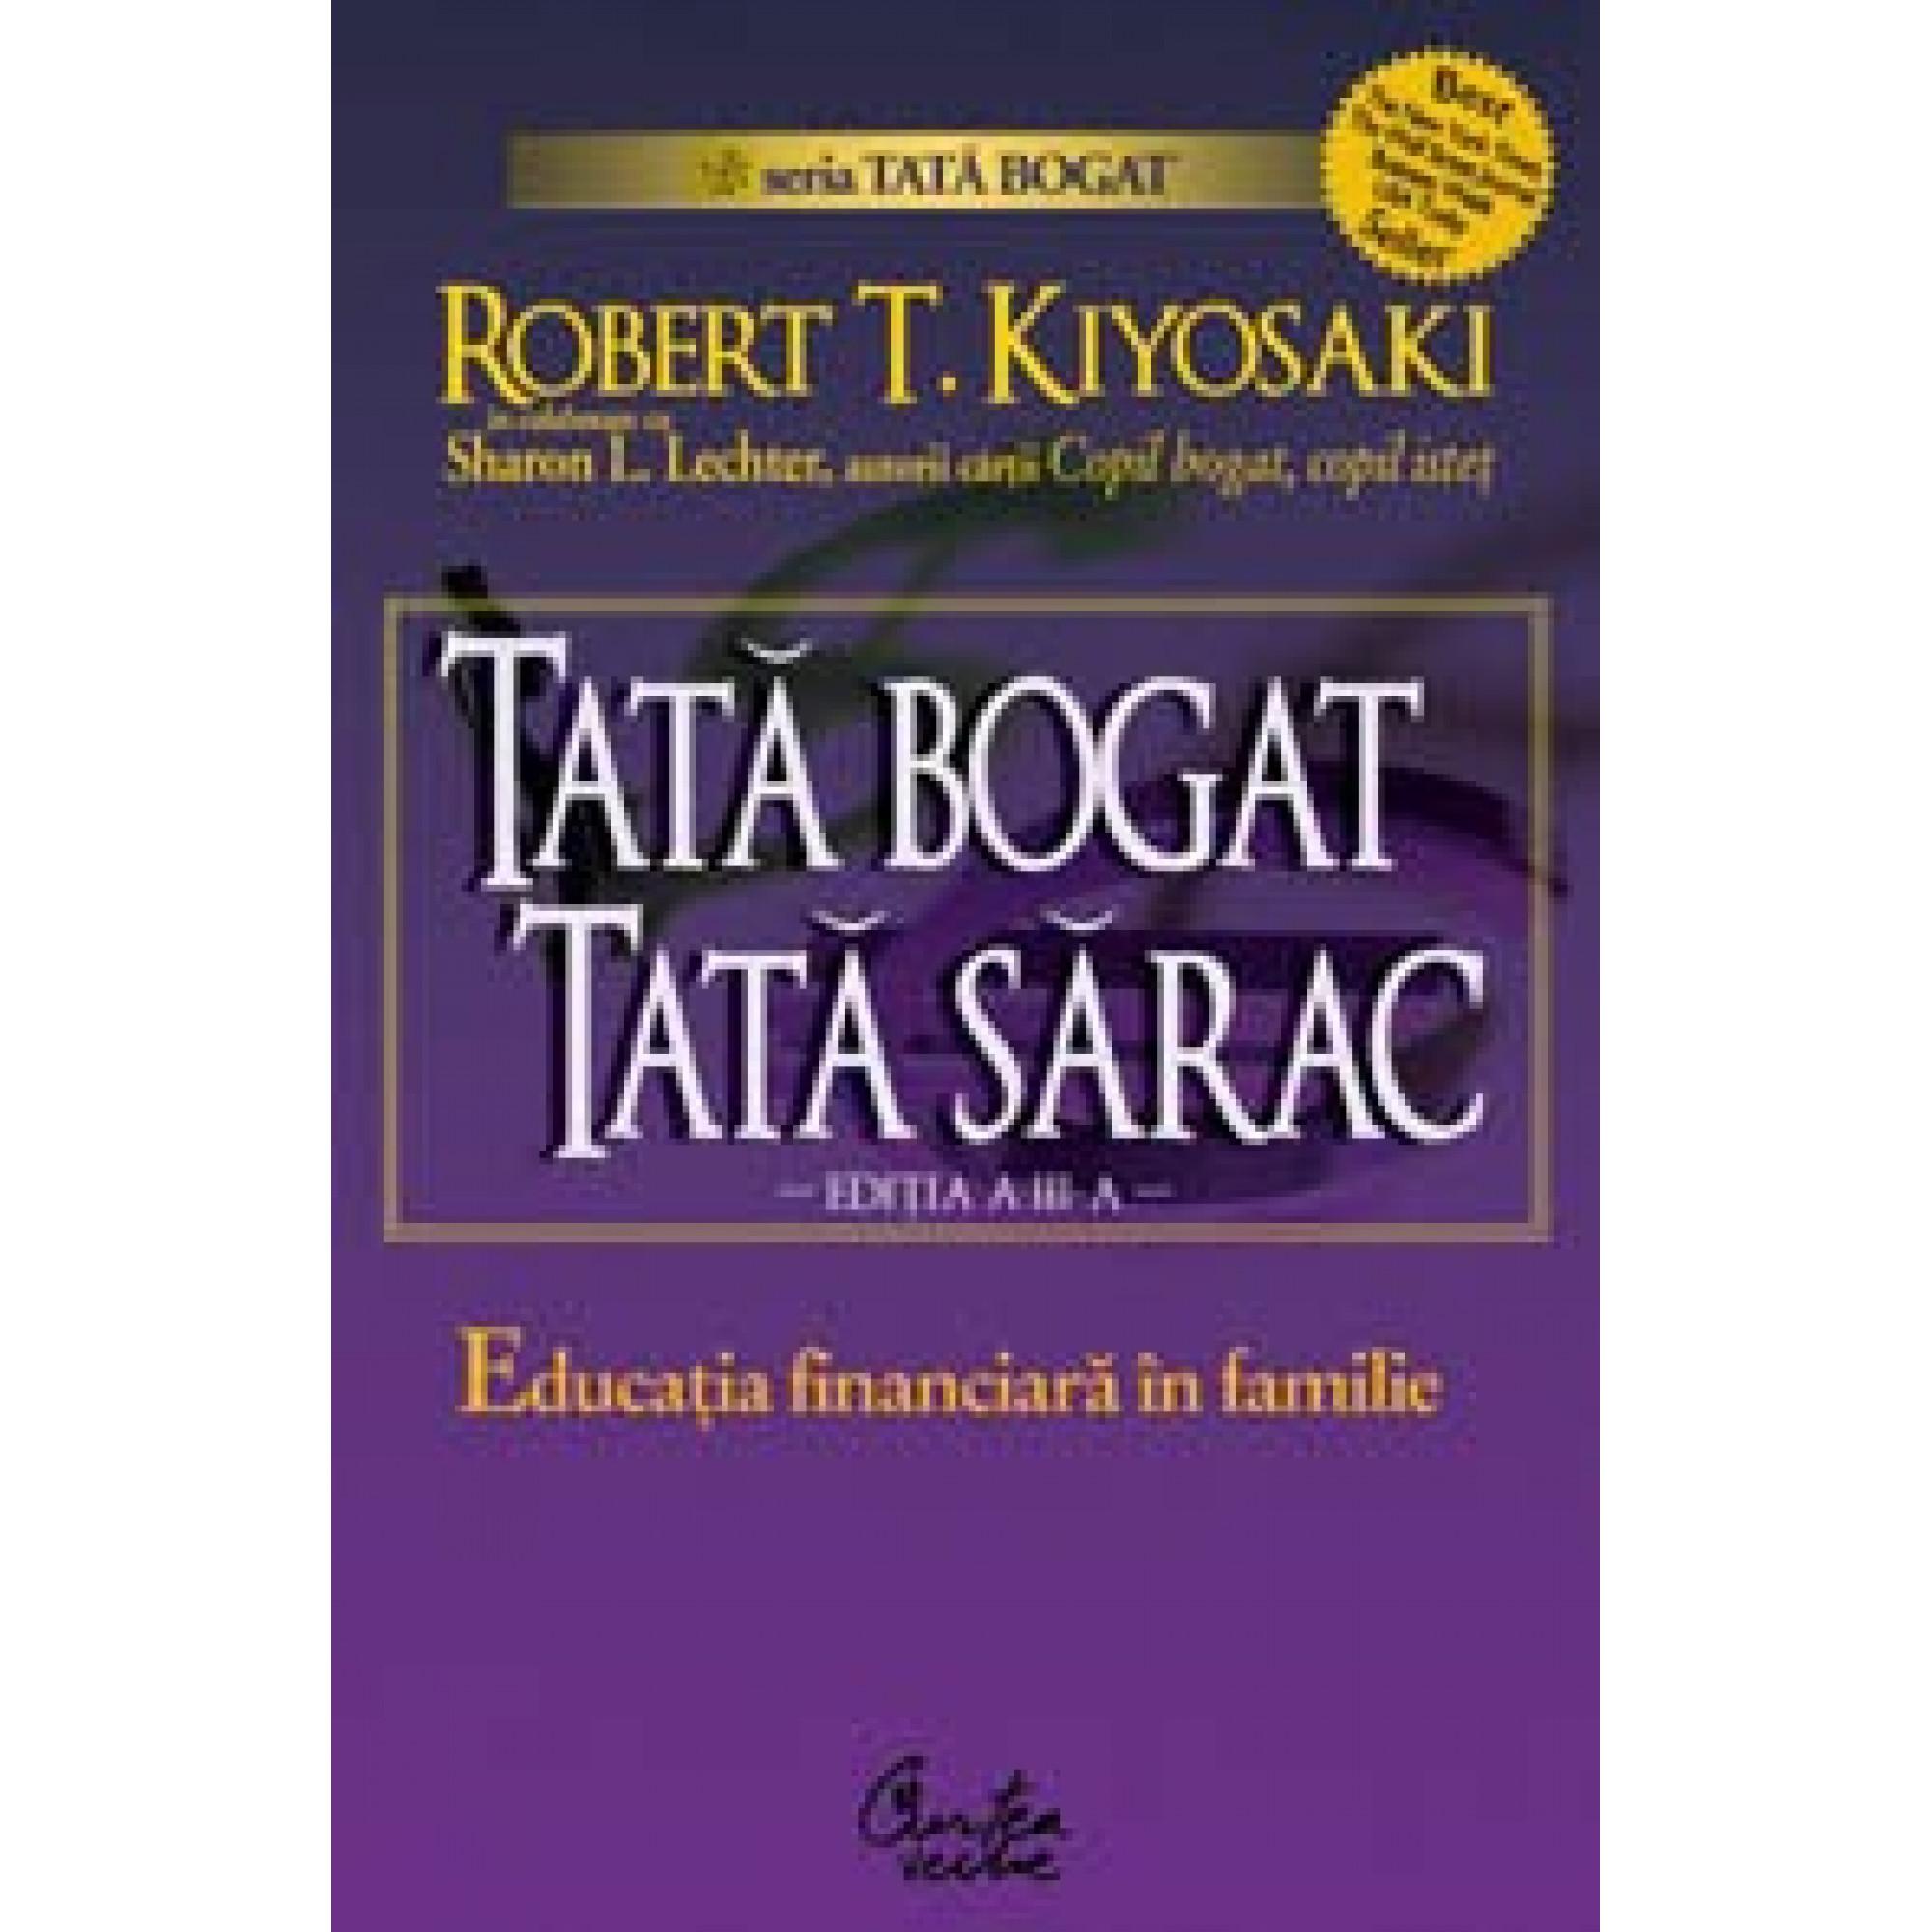 Tată bogat, tată sărac. Educaţia financiară în familie - Ediţia a III-a; Robert T. Kiyosaki